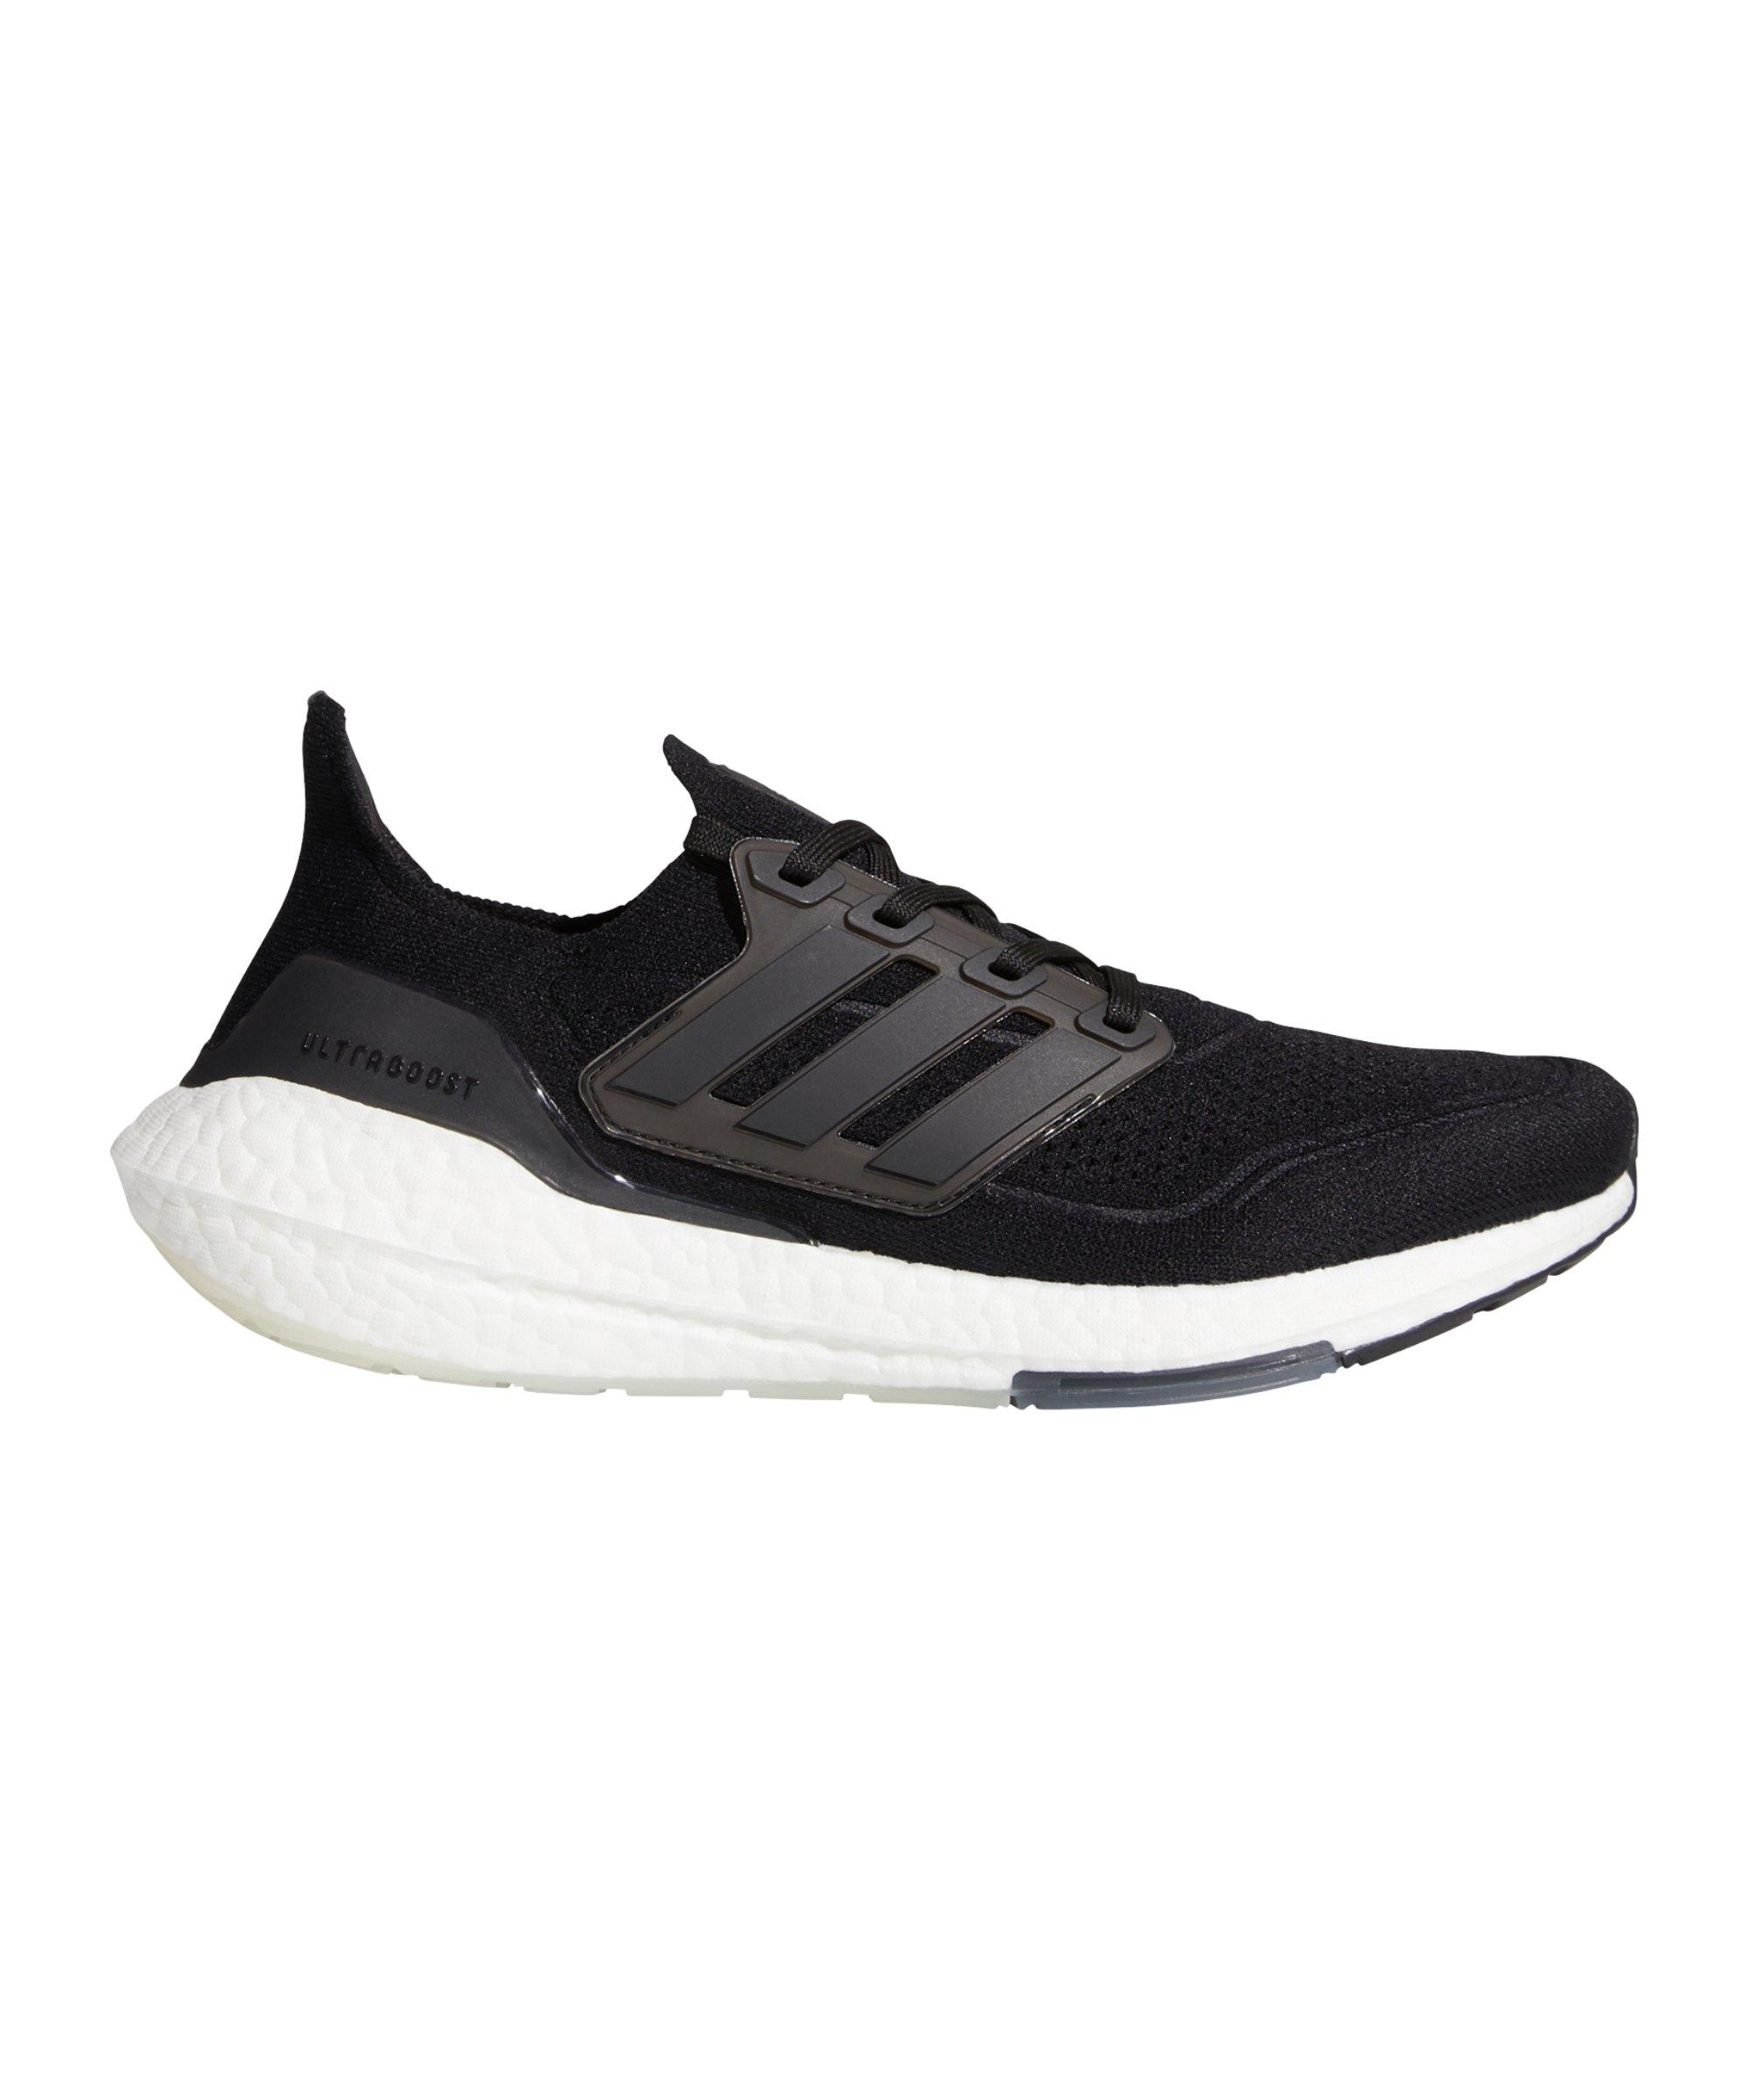 adidas Ultraboost 21 Running Schwarz - schwarz